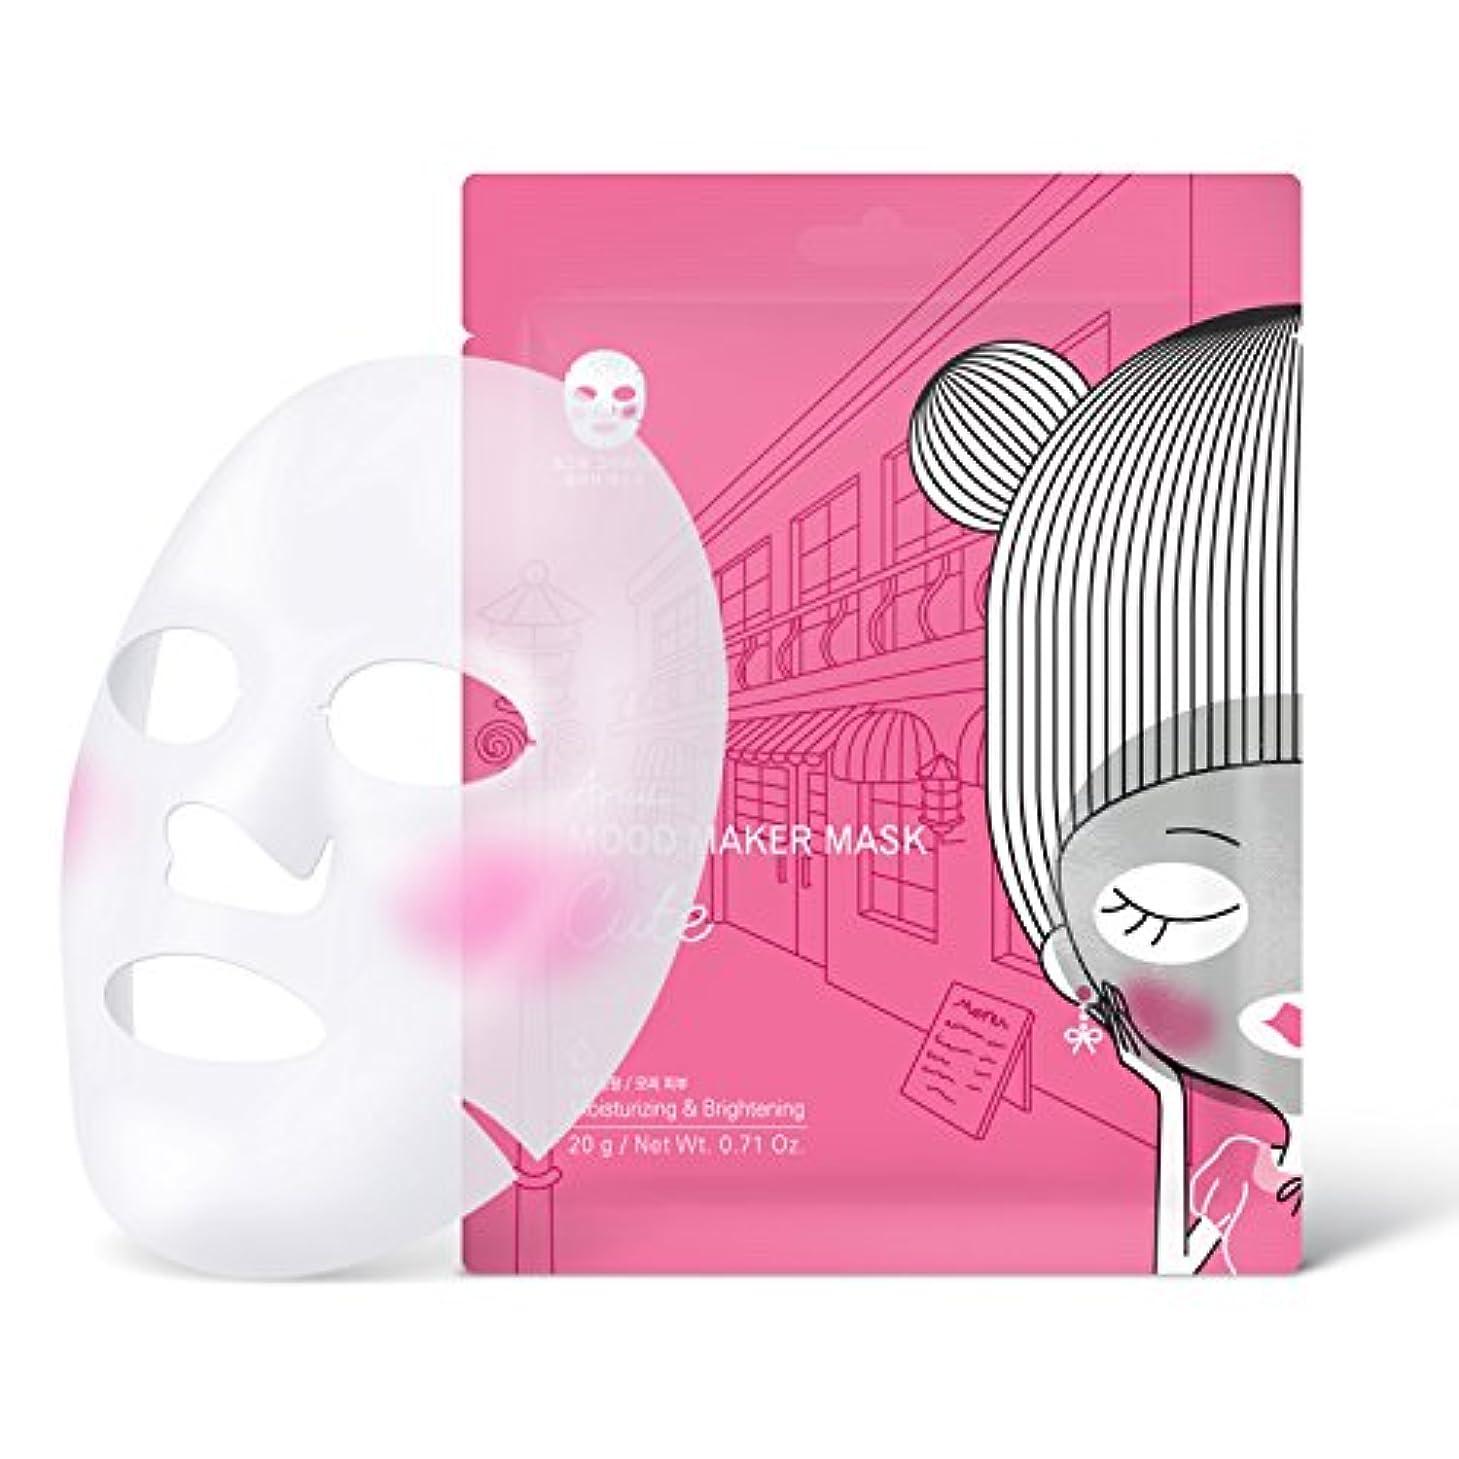 失態収容するアンペアアリウル ムードメーカーマスク キュート 1枚入り